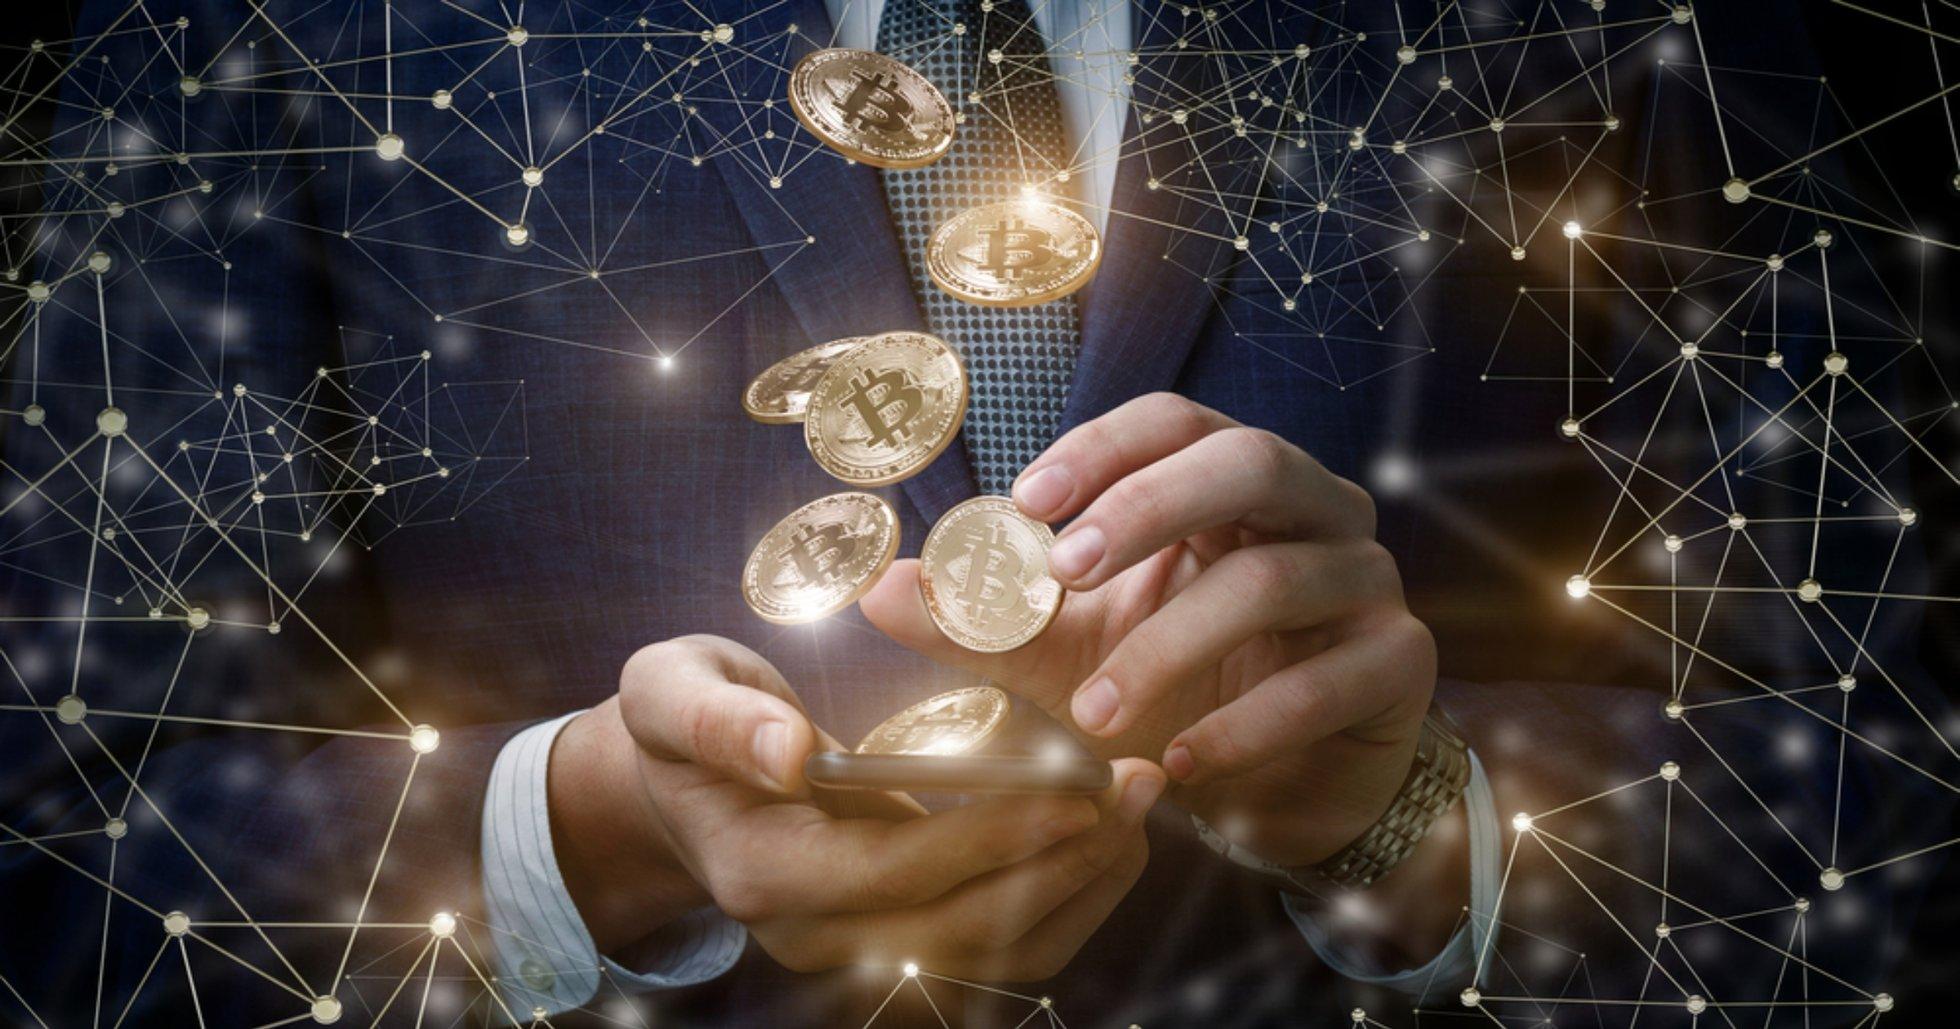 Undersökning visar: 5 procent av företag planerar att köpa bitcoin i år